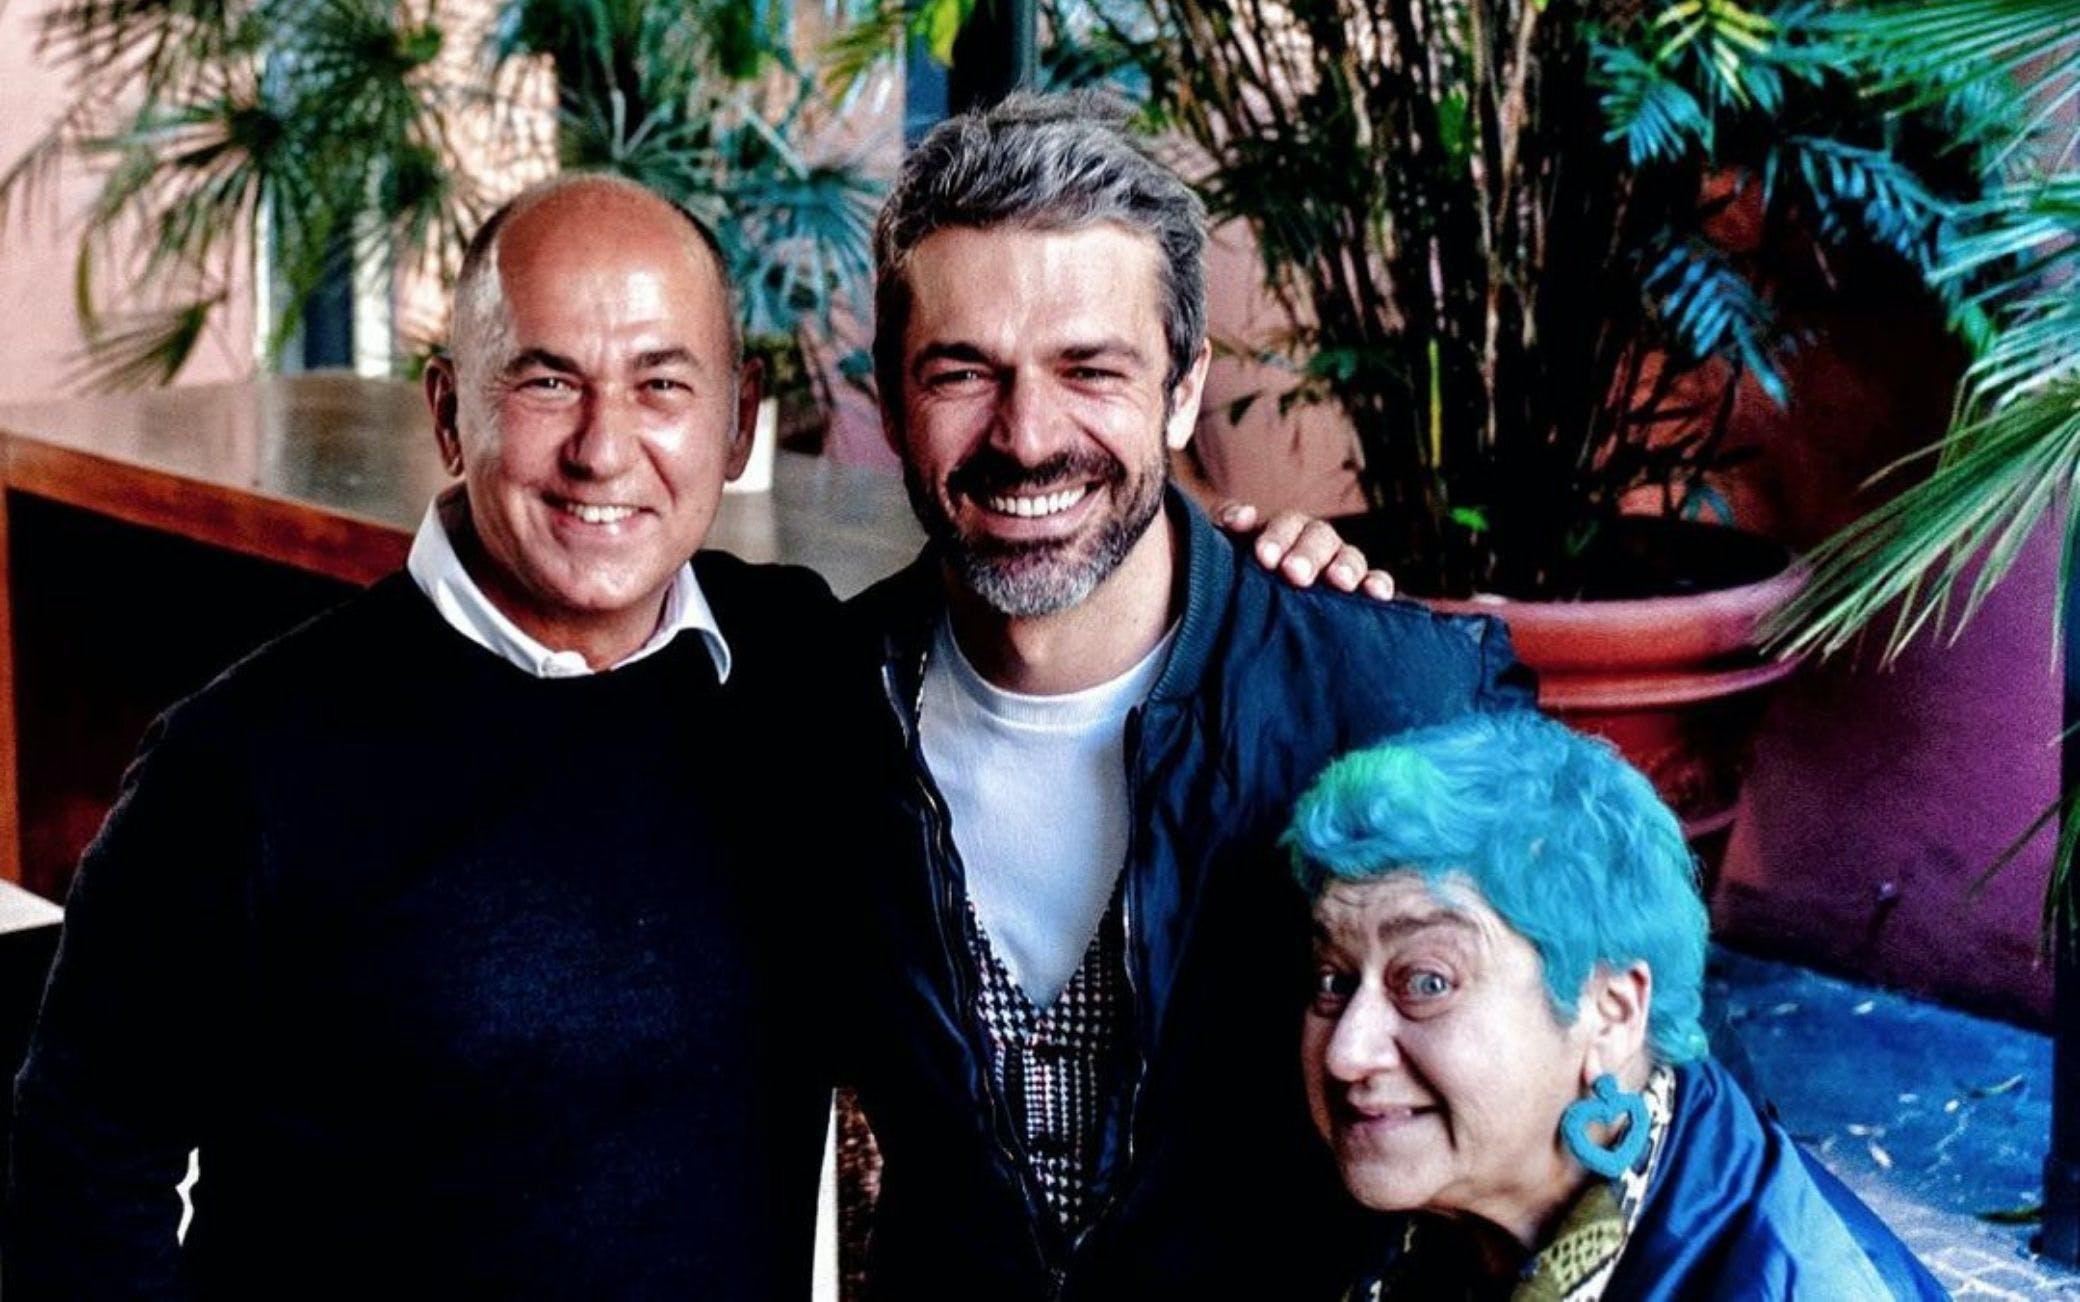 ti Serie TV: Ferzan Opzetek, Luca Argentero, Serra Yilmaz